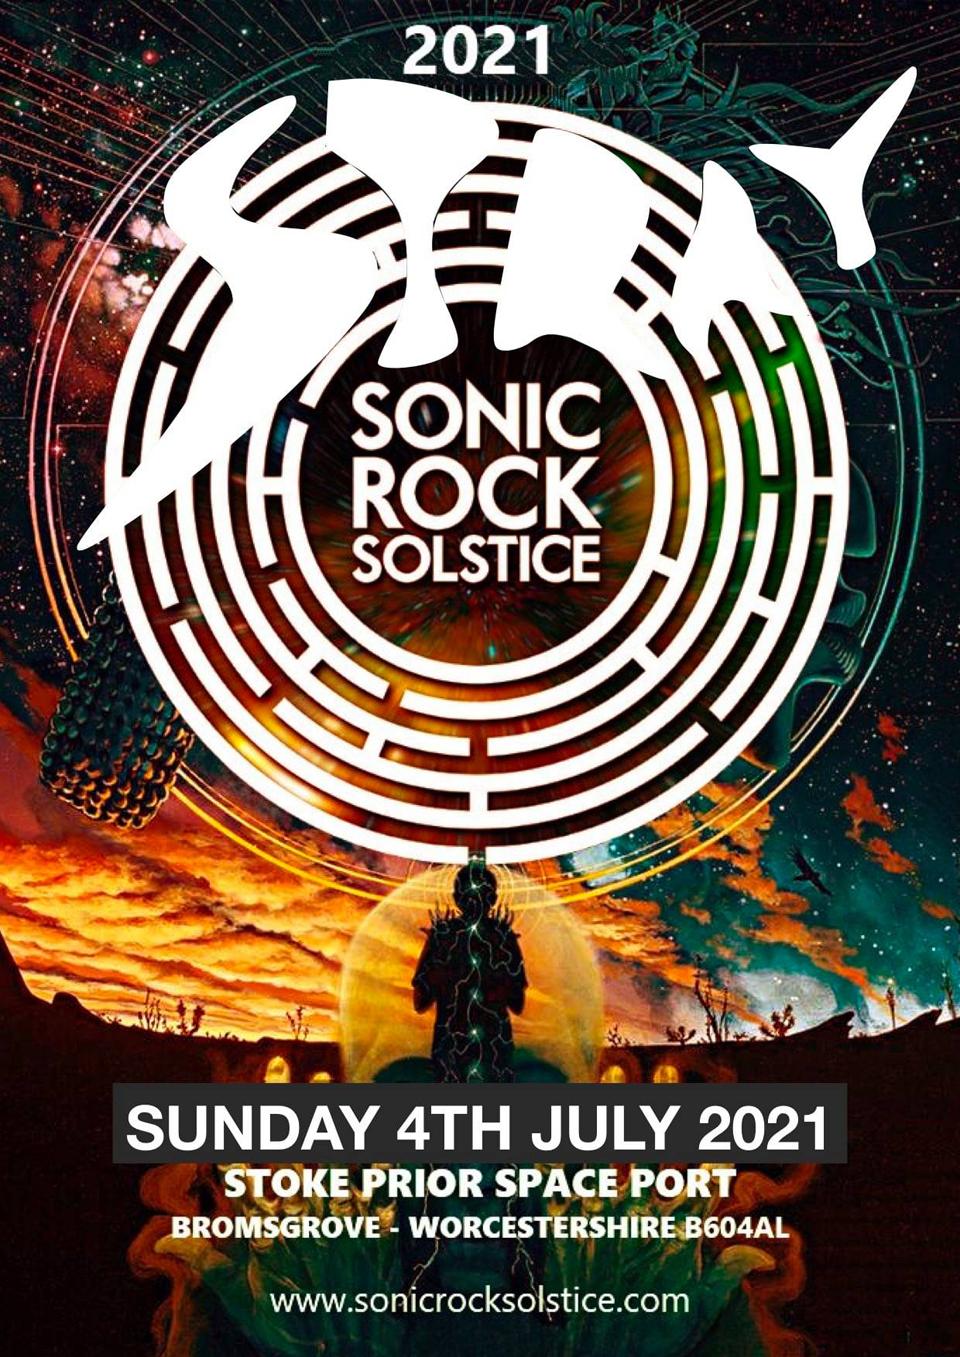 Sonic Rock Solstice 2021